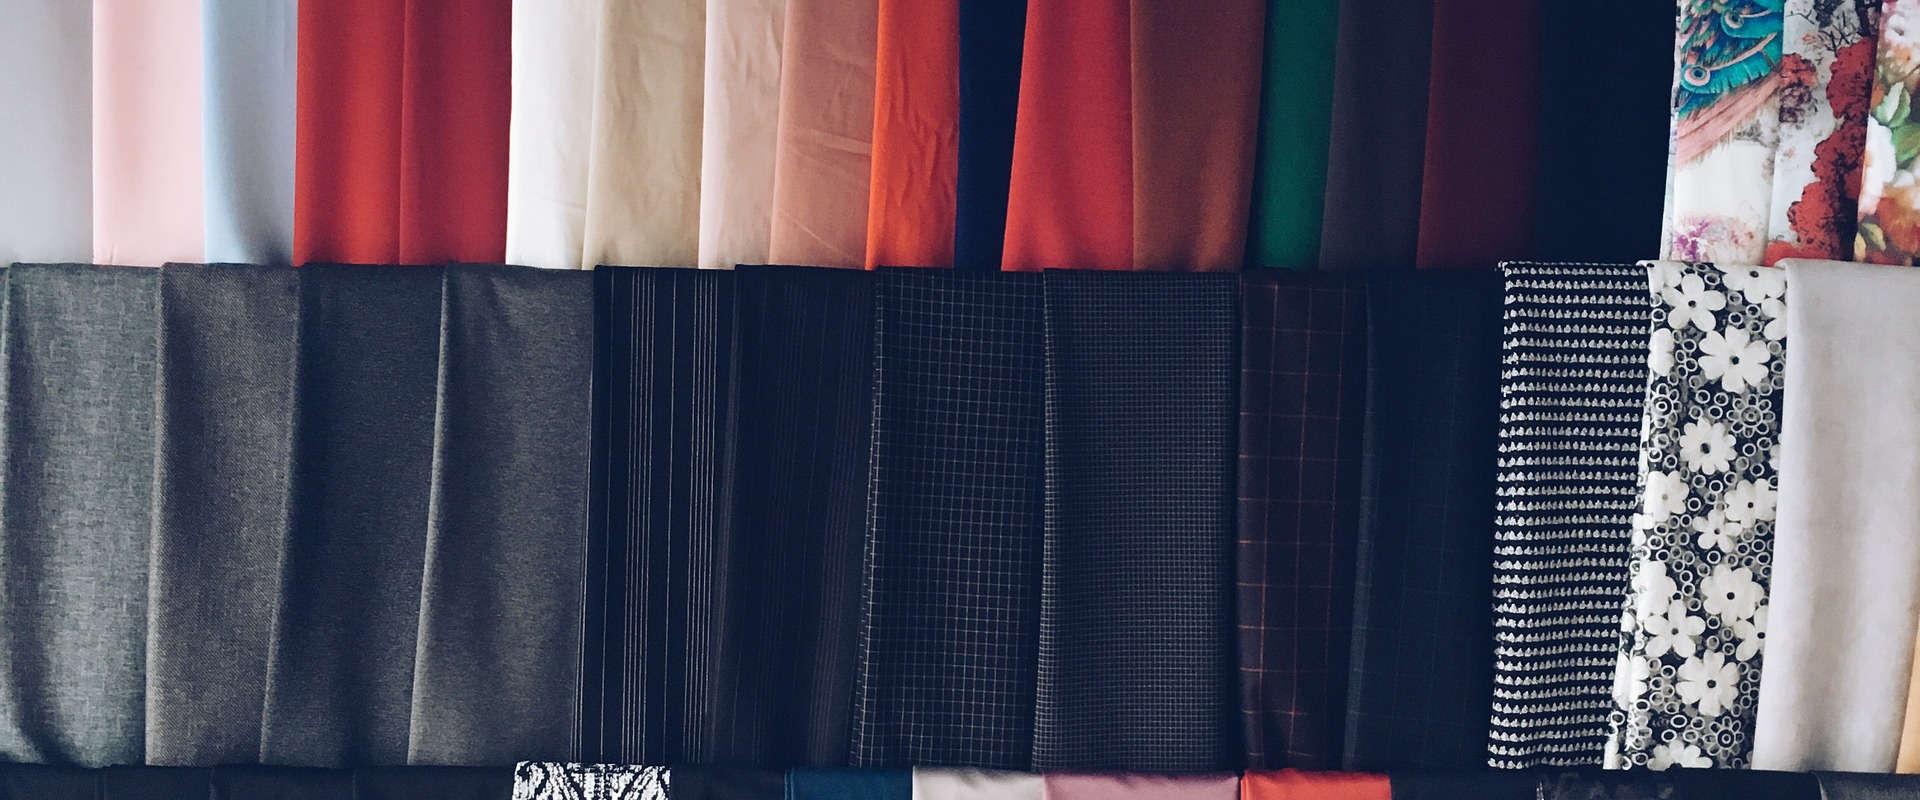 Prix pour tissus et magasin de tissu au Québec